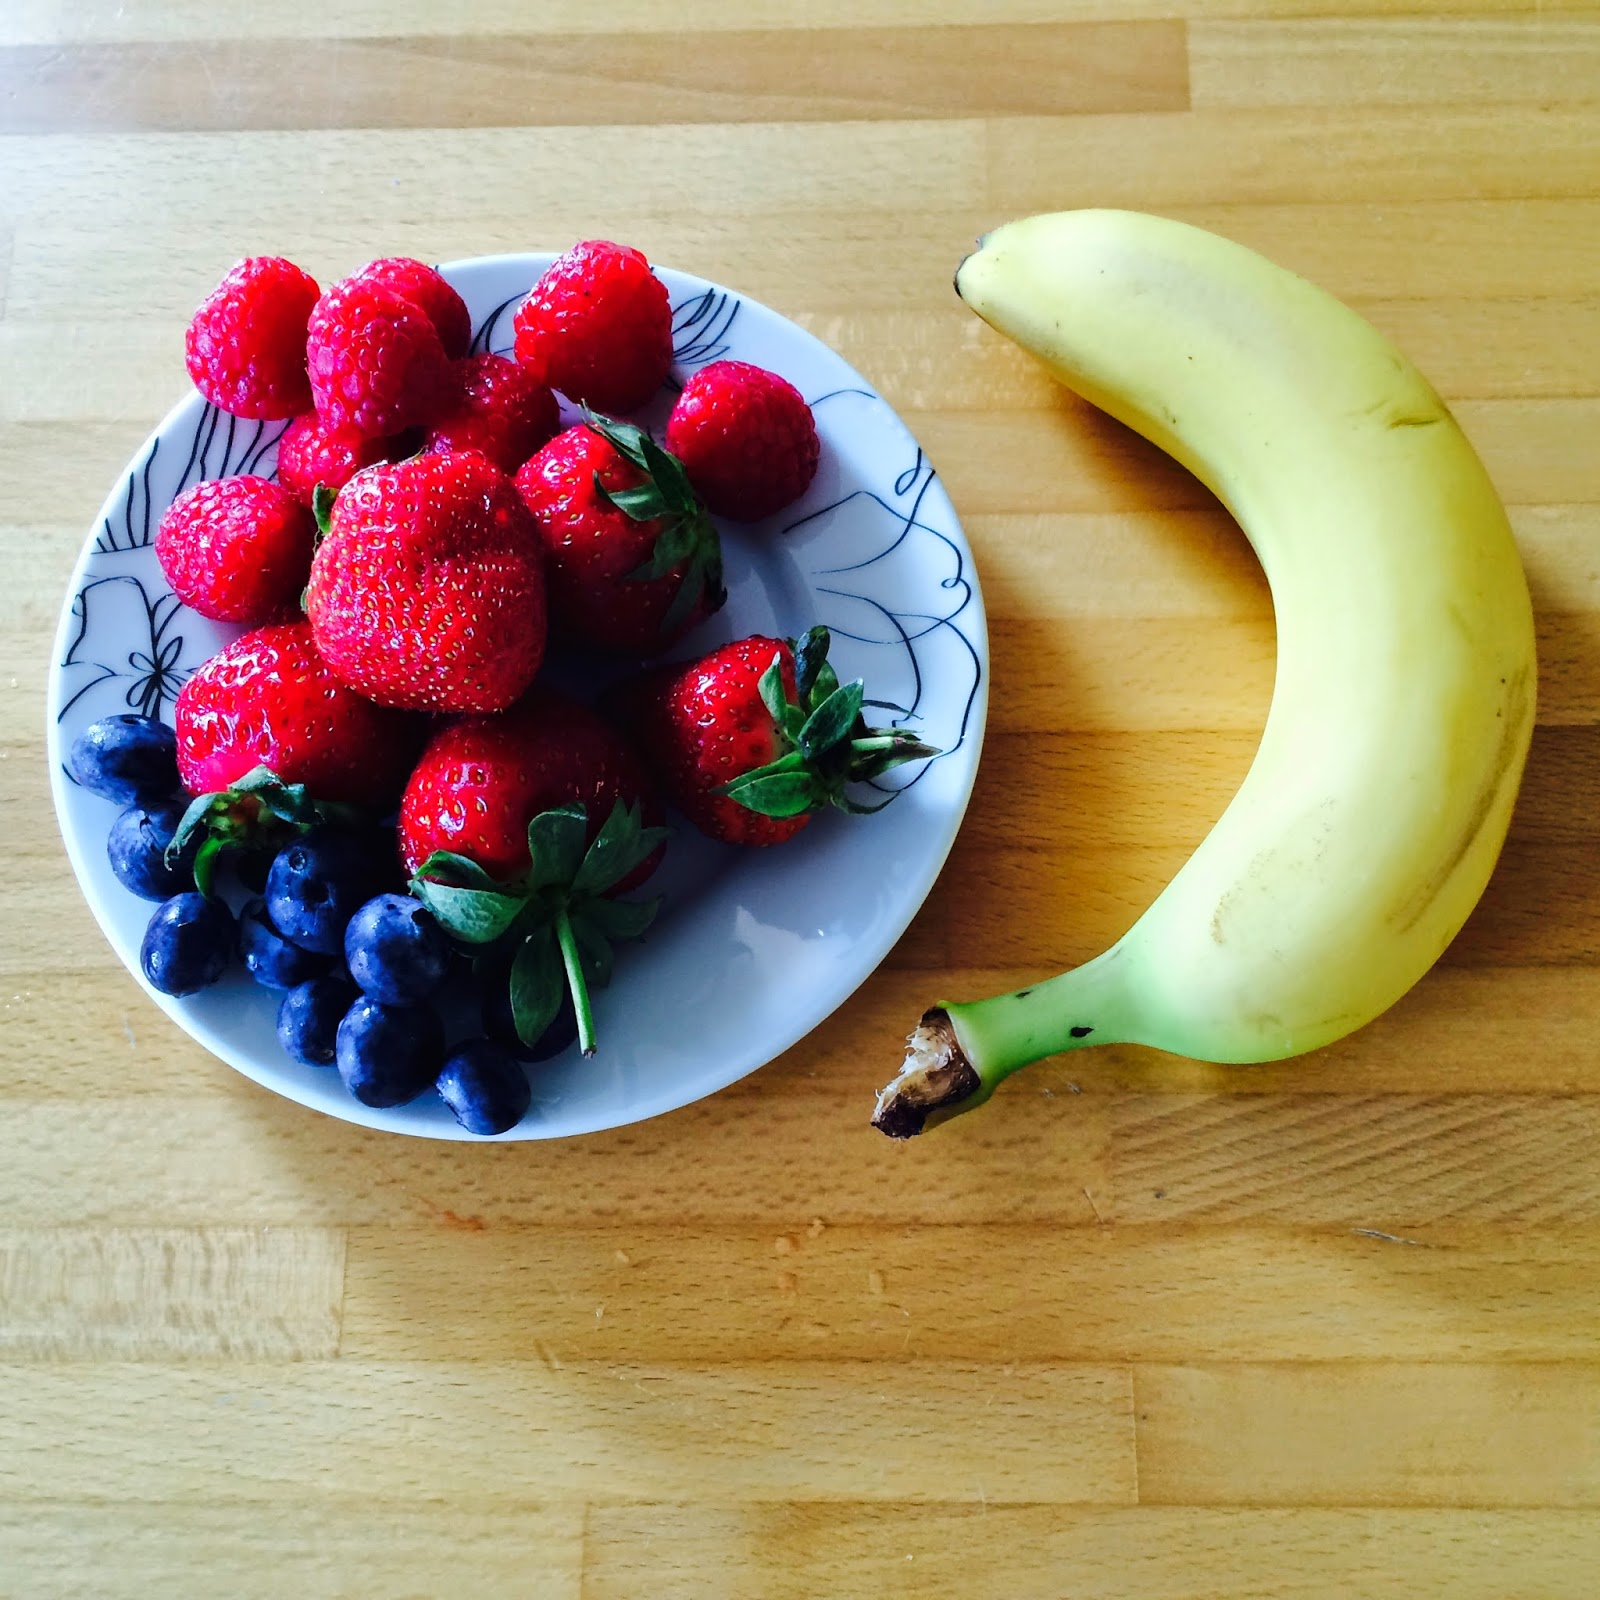 coppa di frutta fresca al caramello e panna montata